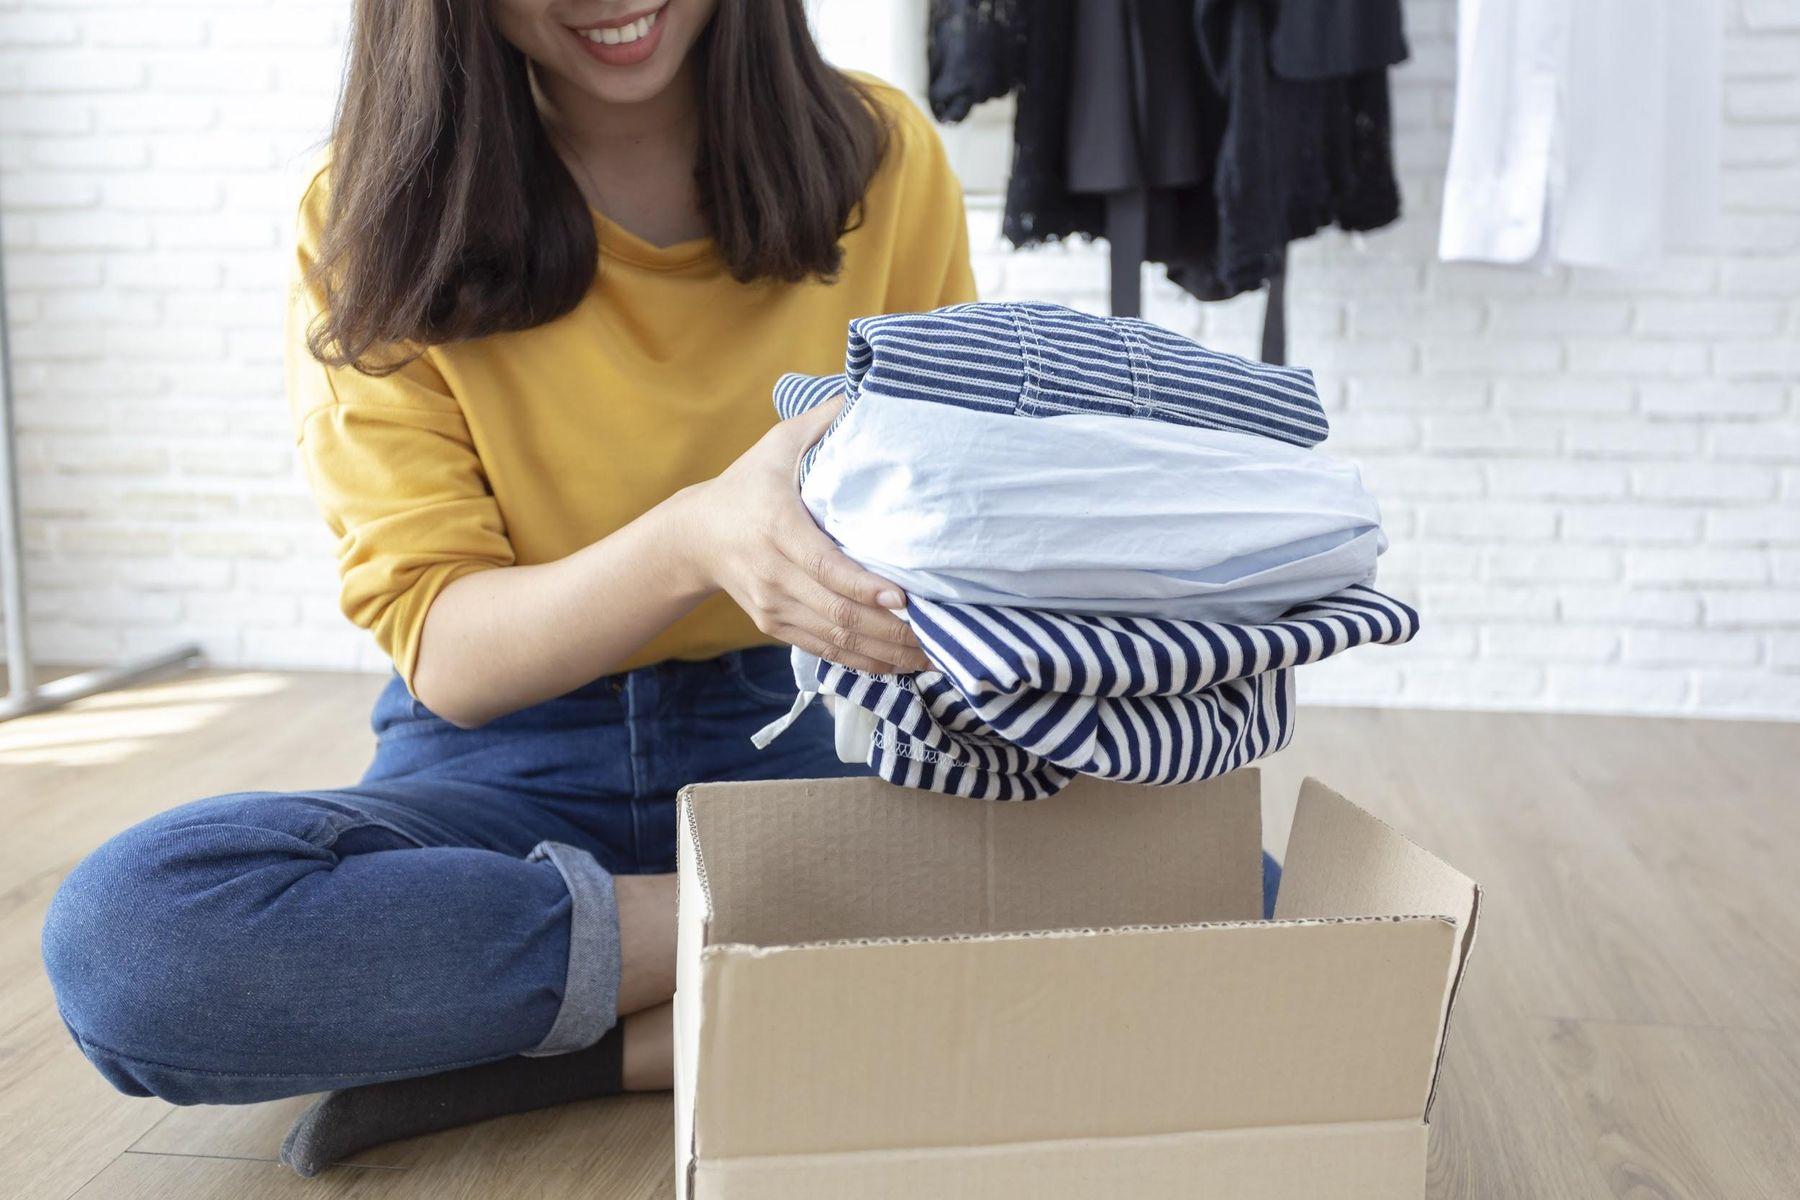 Mulher guardando roupas em caixa de papelão